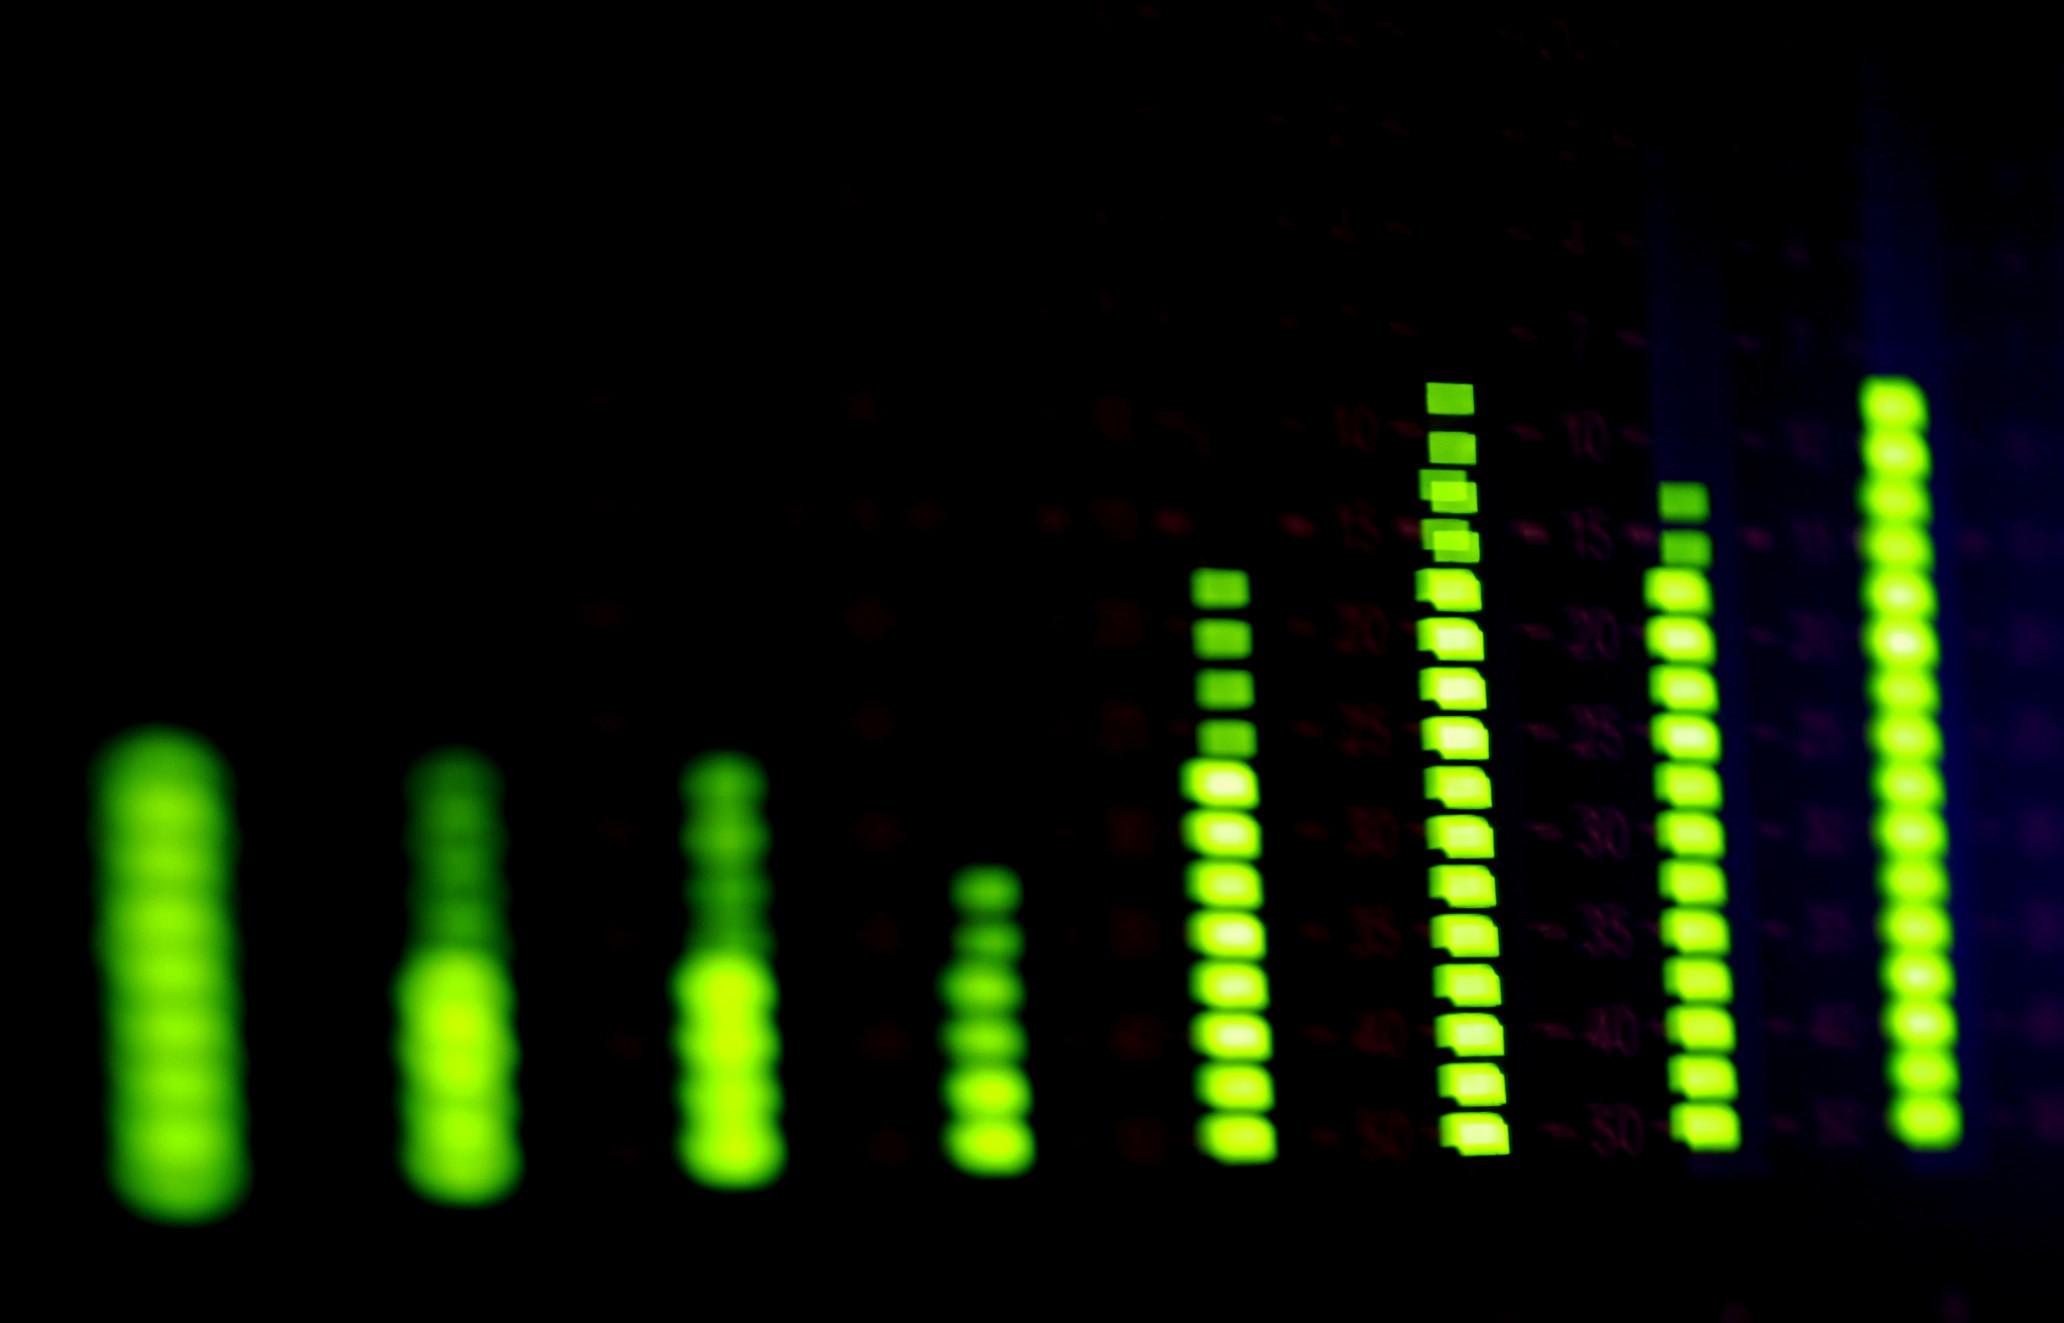 Home Recording Studio Wallpaper Recording studio 01 by gisu-